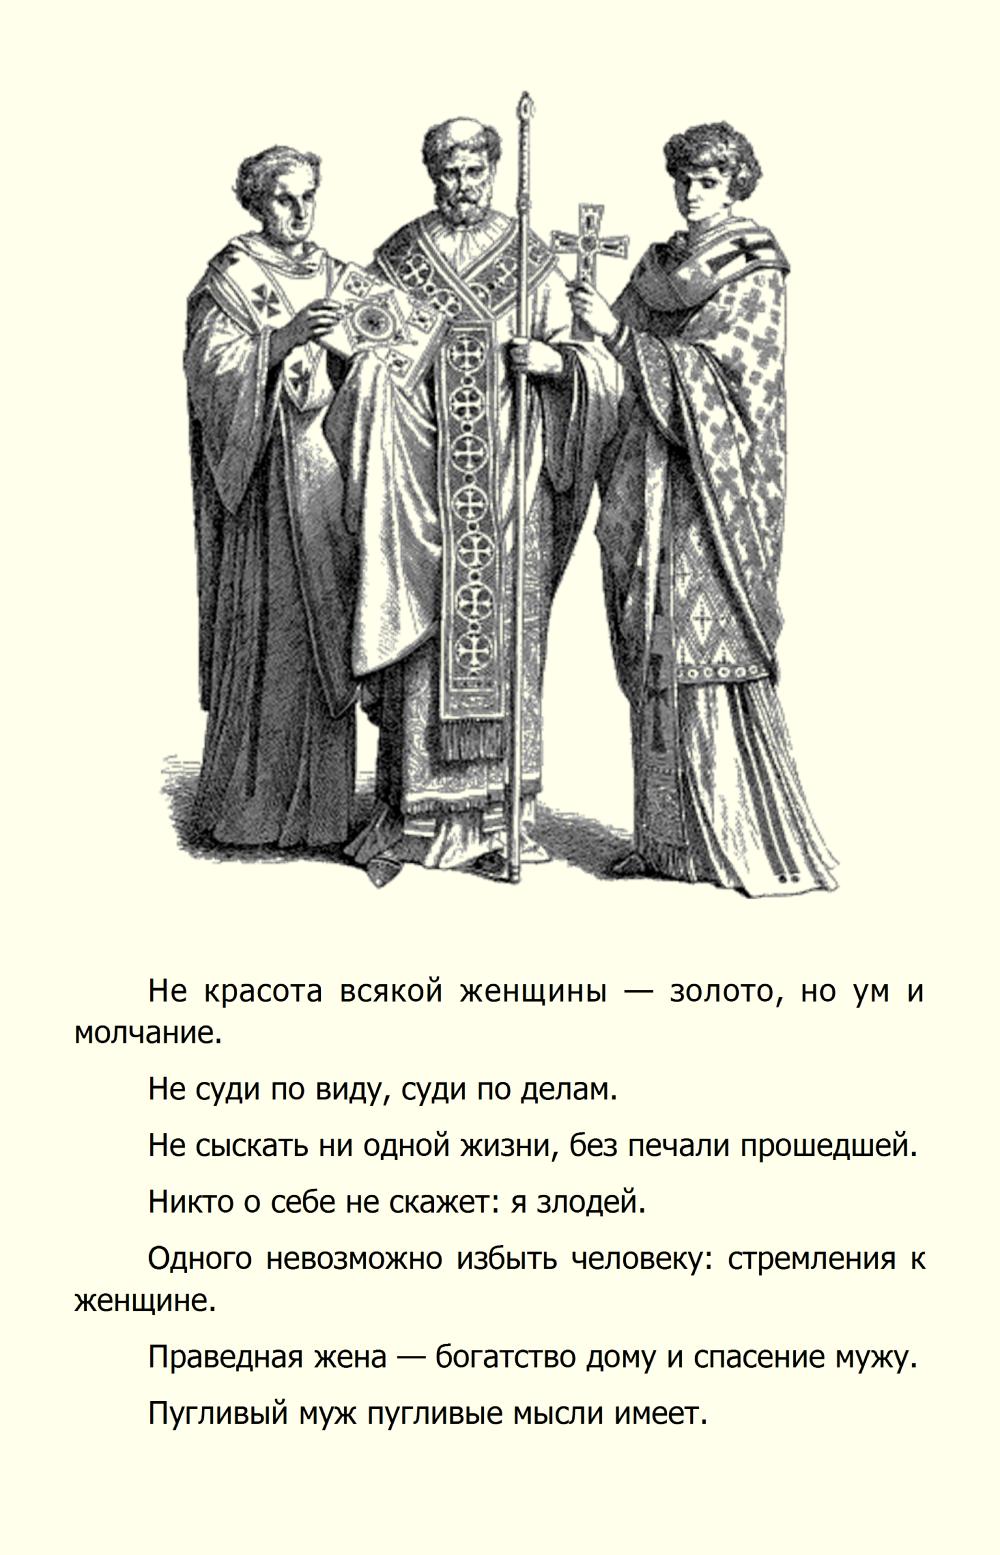 http://i4.imageban.ru/out/2013/11/25/69ce5298eeda34f0b077304f3e02ff87.jpg